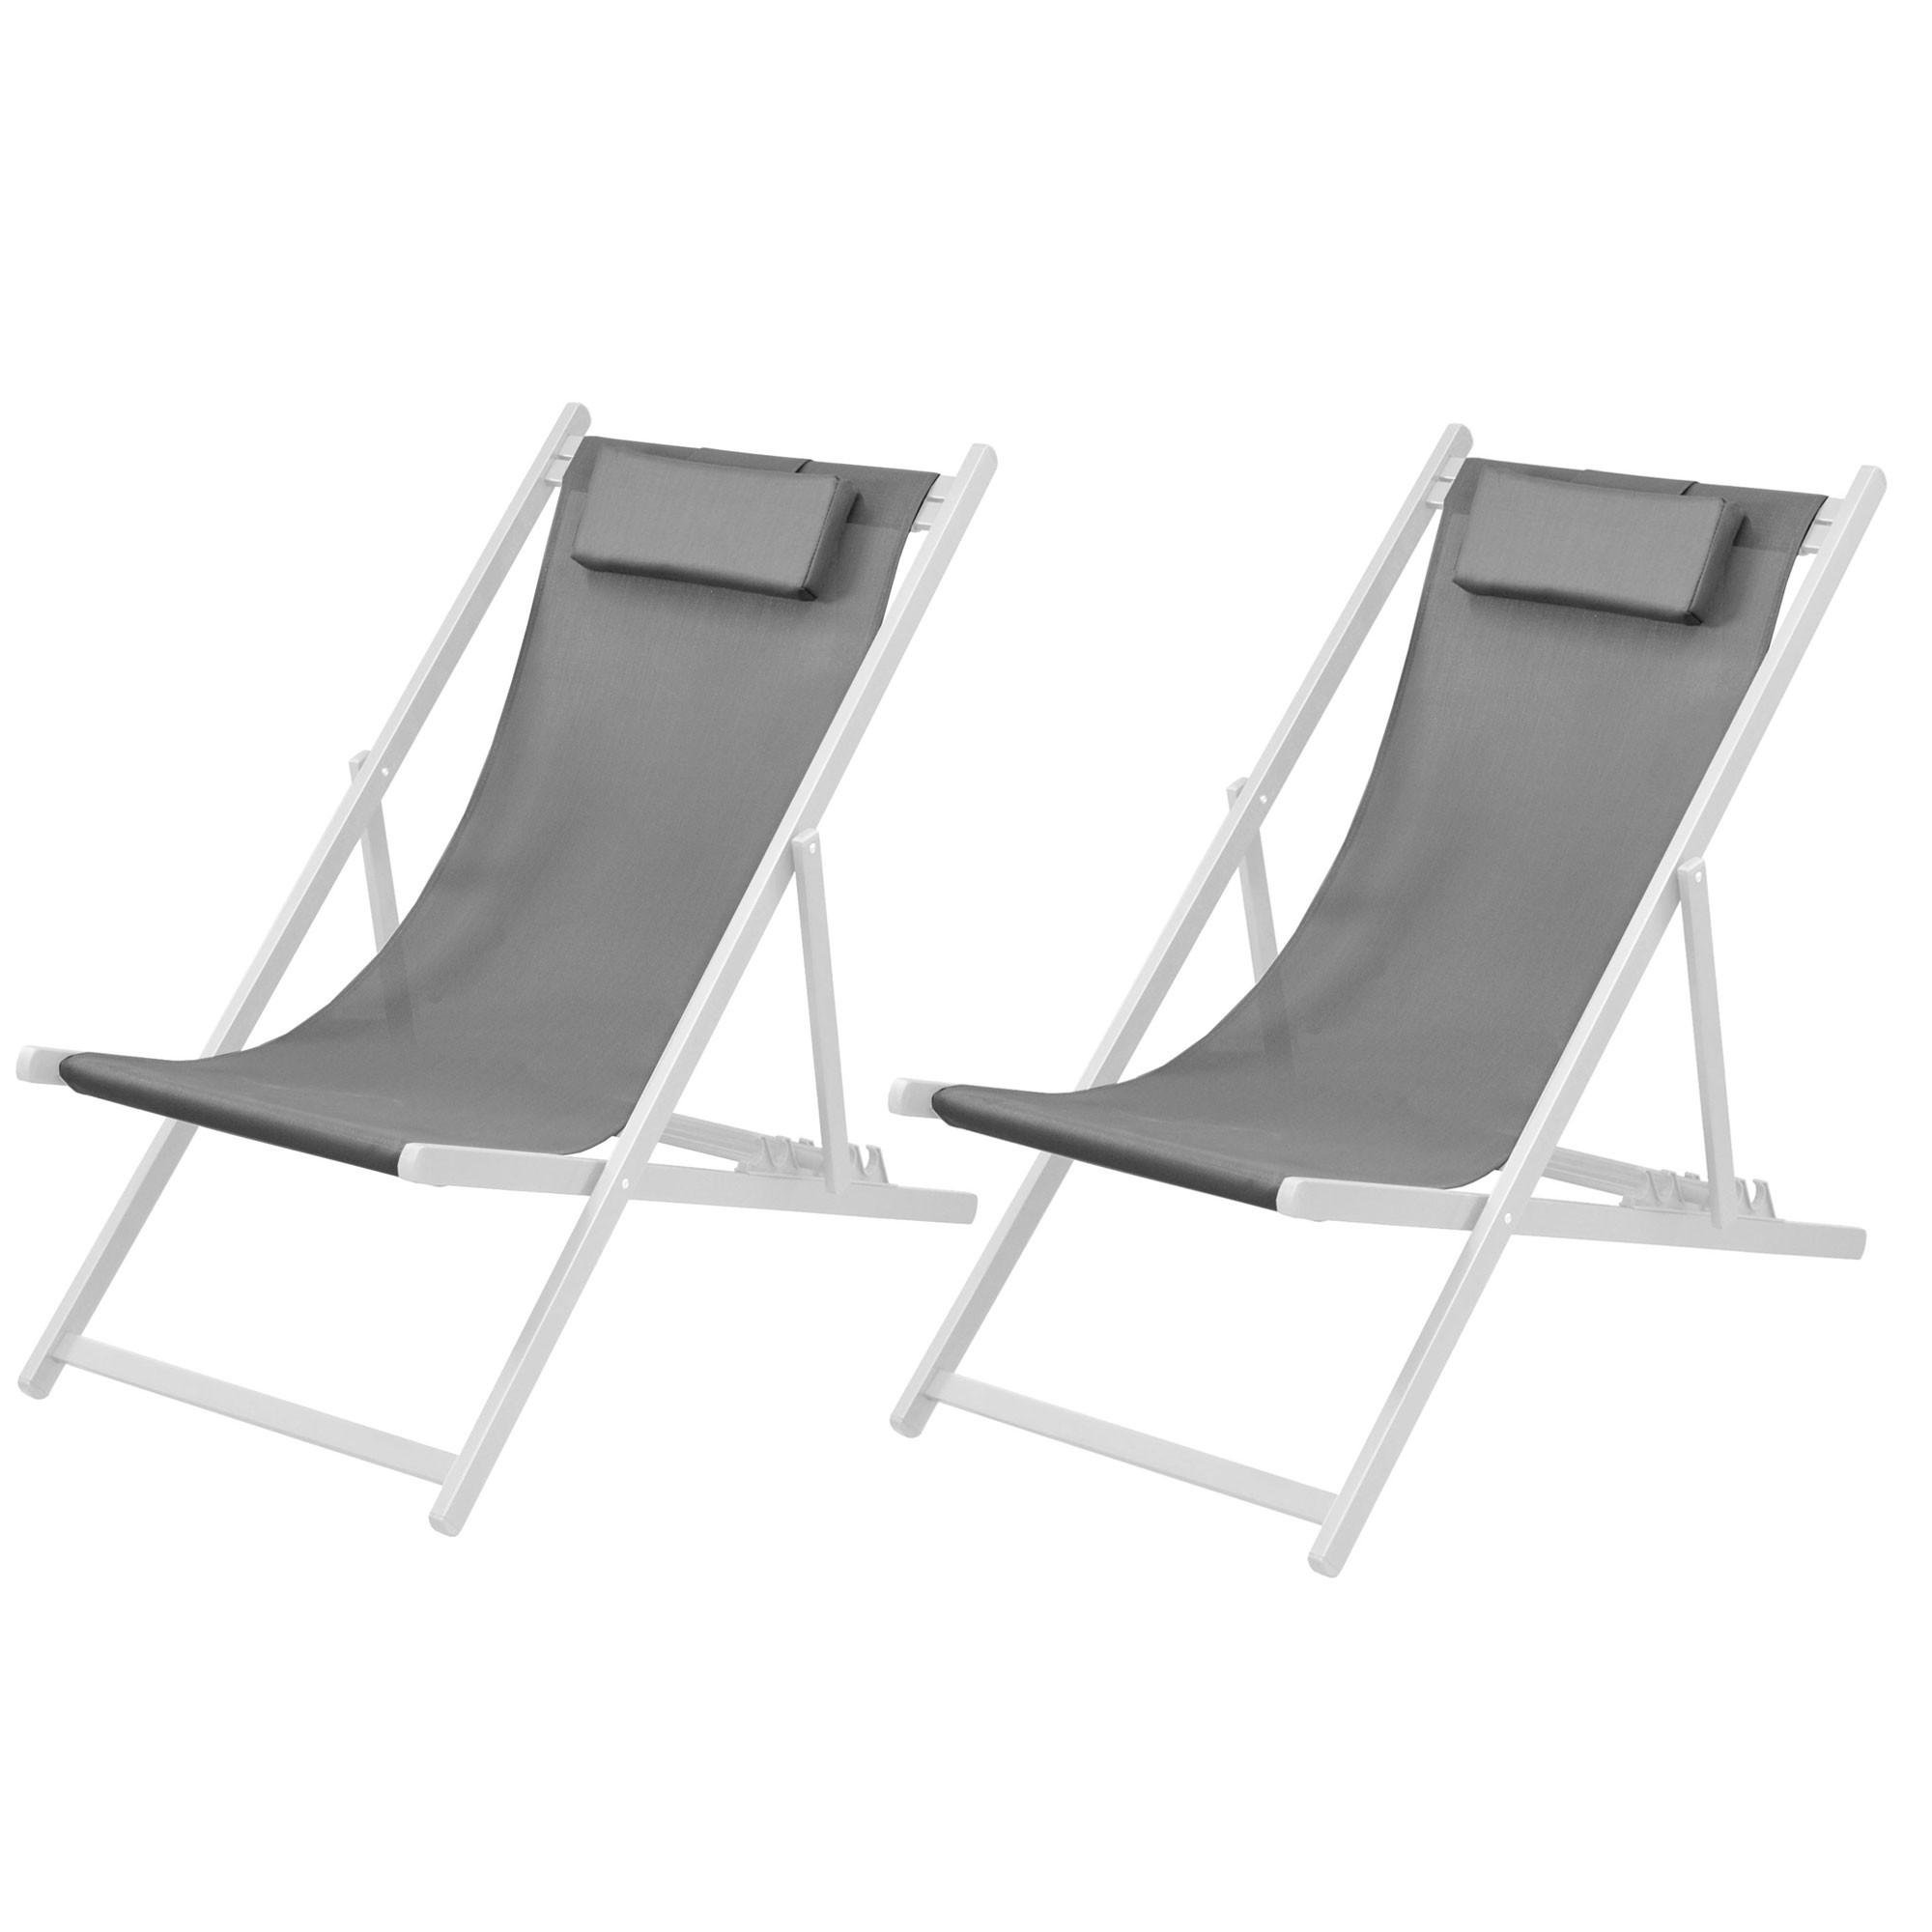 Chaise longue calvi grise et blanche lot de 2 achetez - Chaise blanche et grise ...